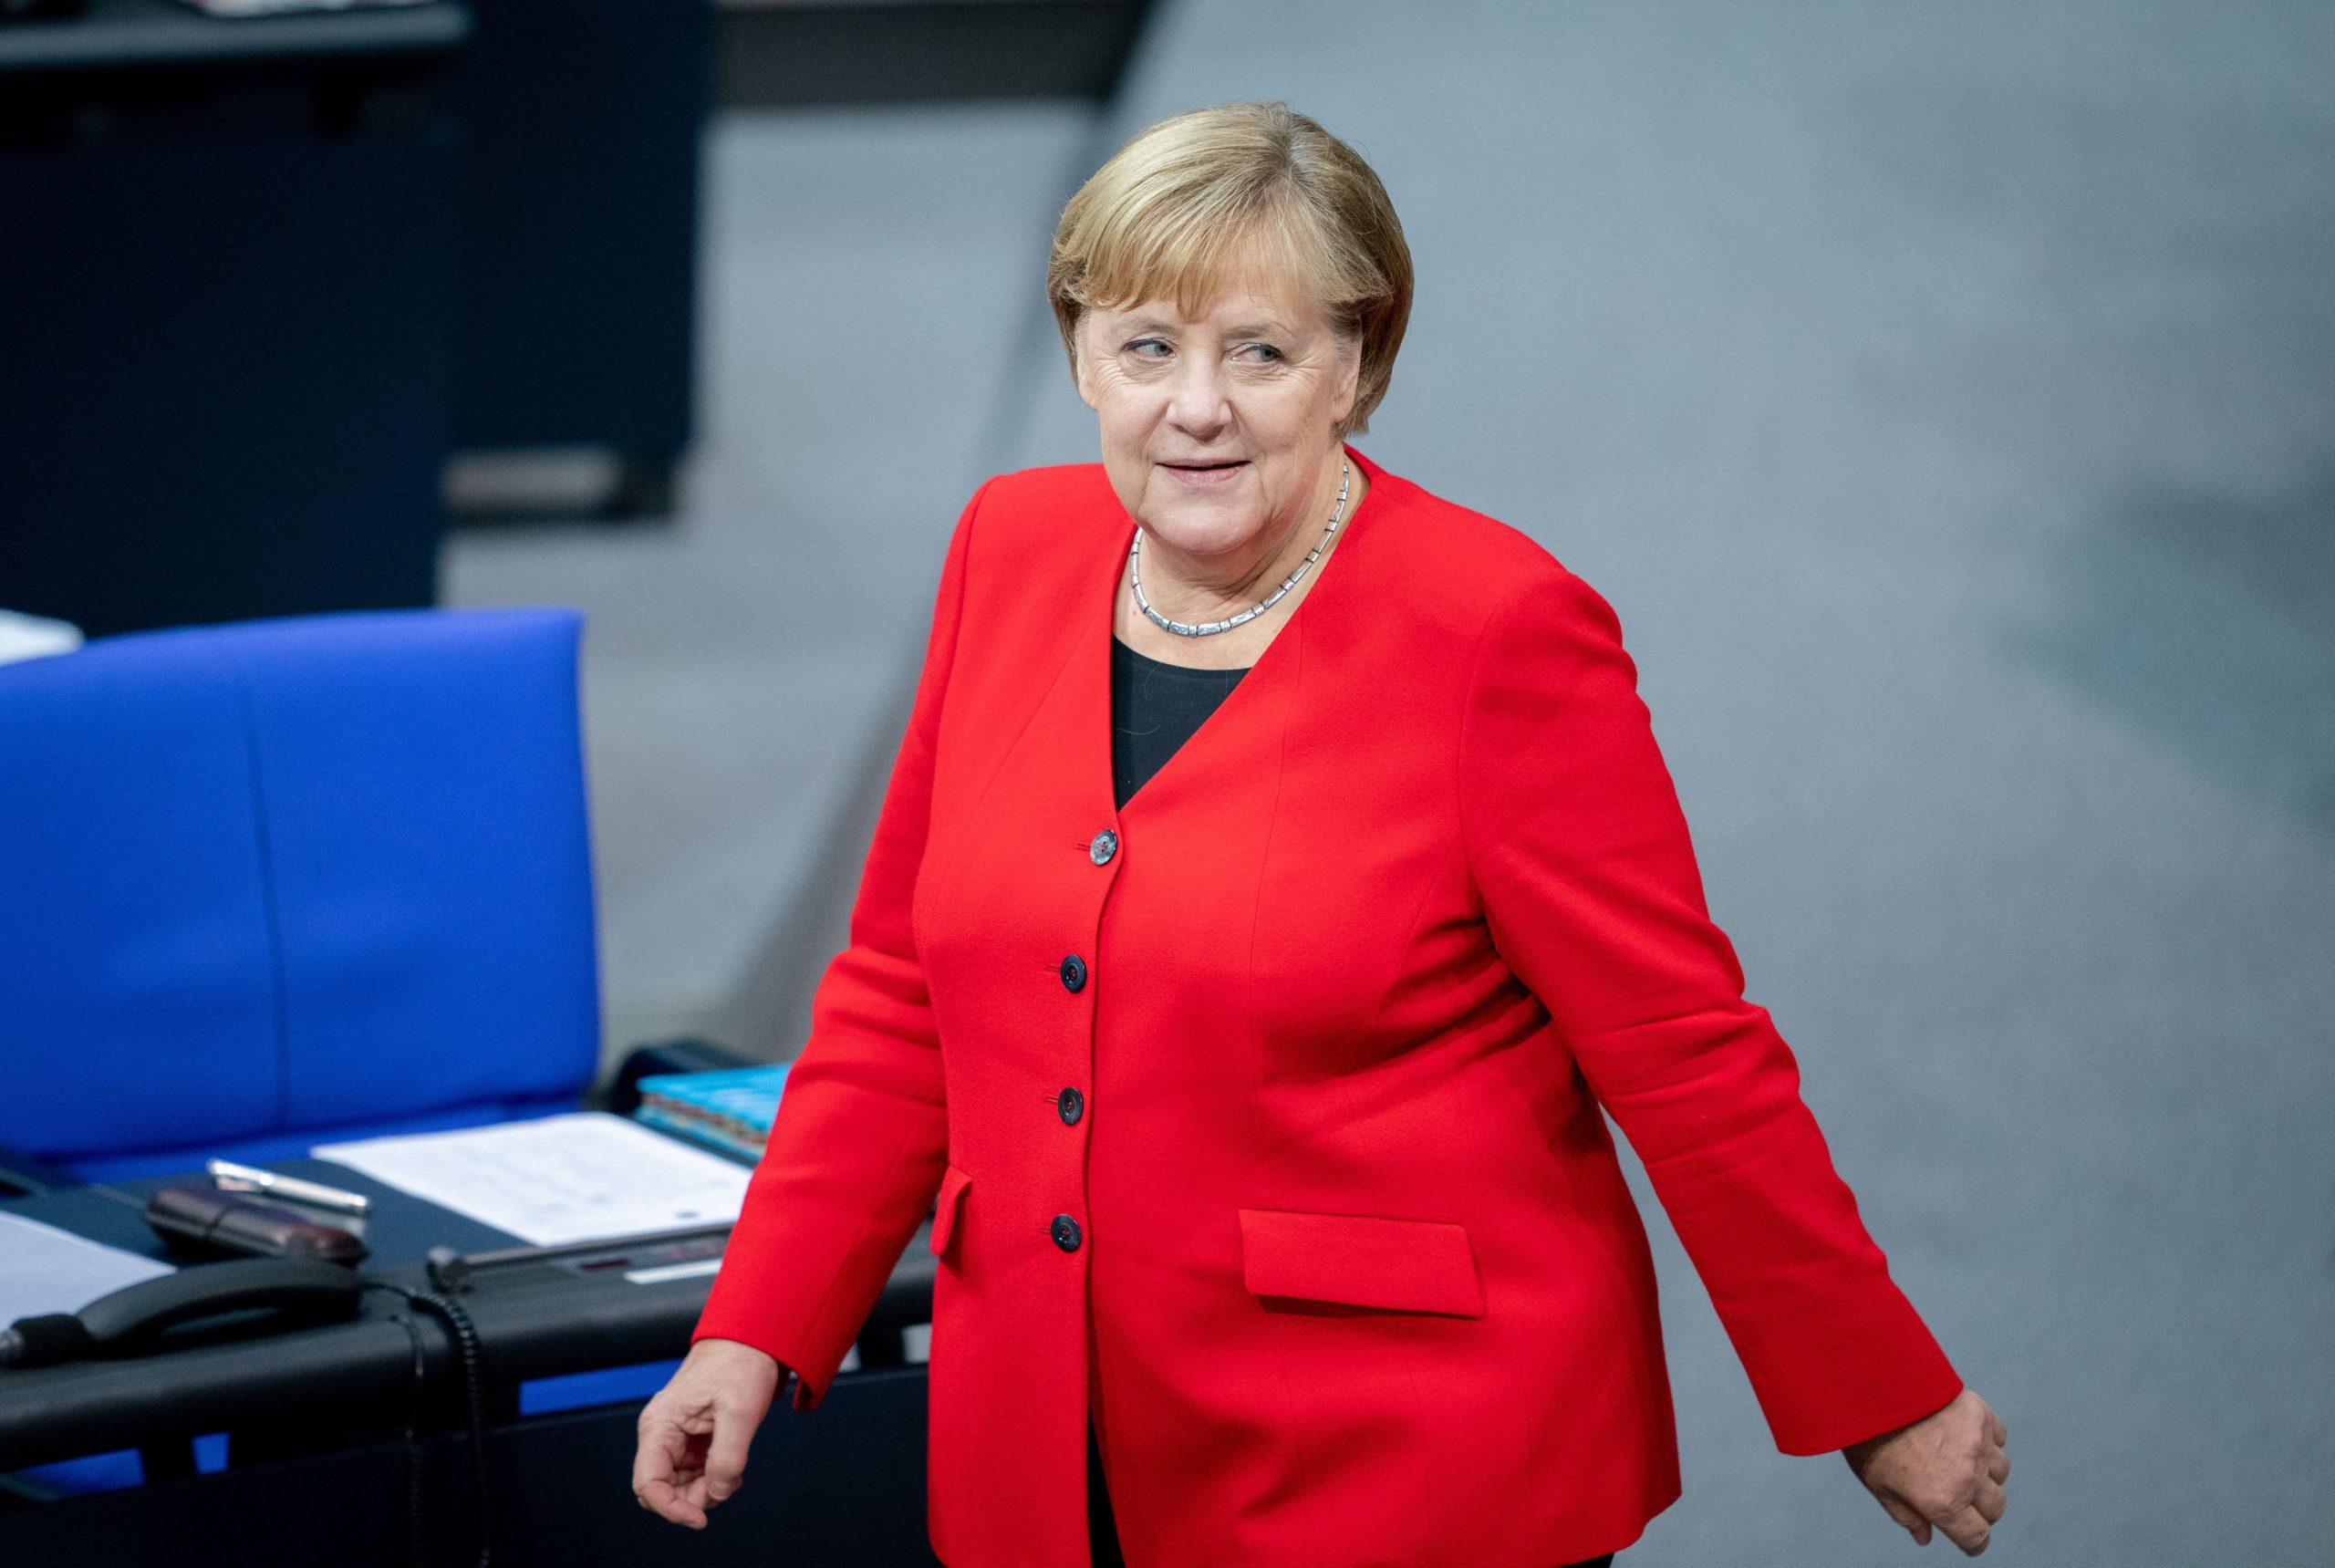 Dans le classement du bien-être économique en Europe, c'est l'Allemagne et l'Autriche qui arrivent en tête, suivies par la Grèce et l'Autriche.